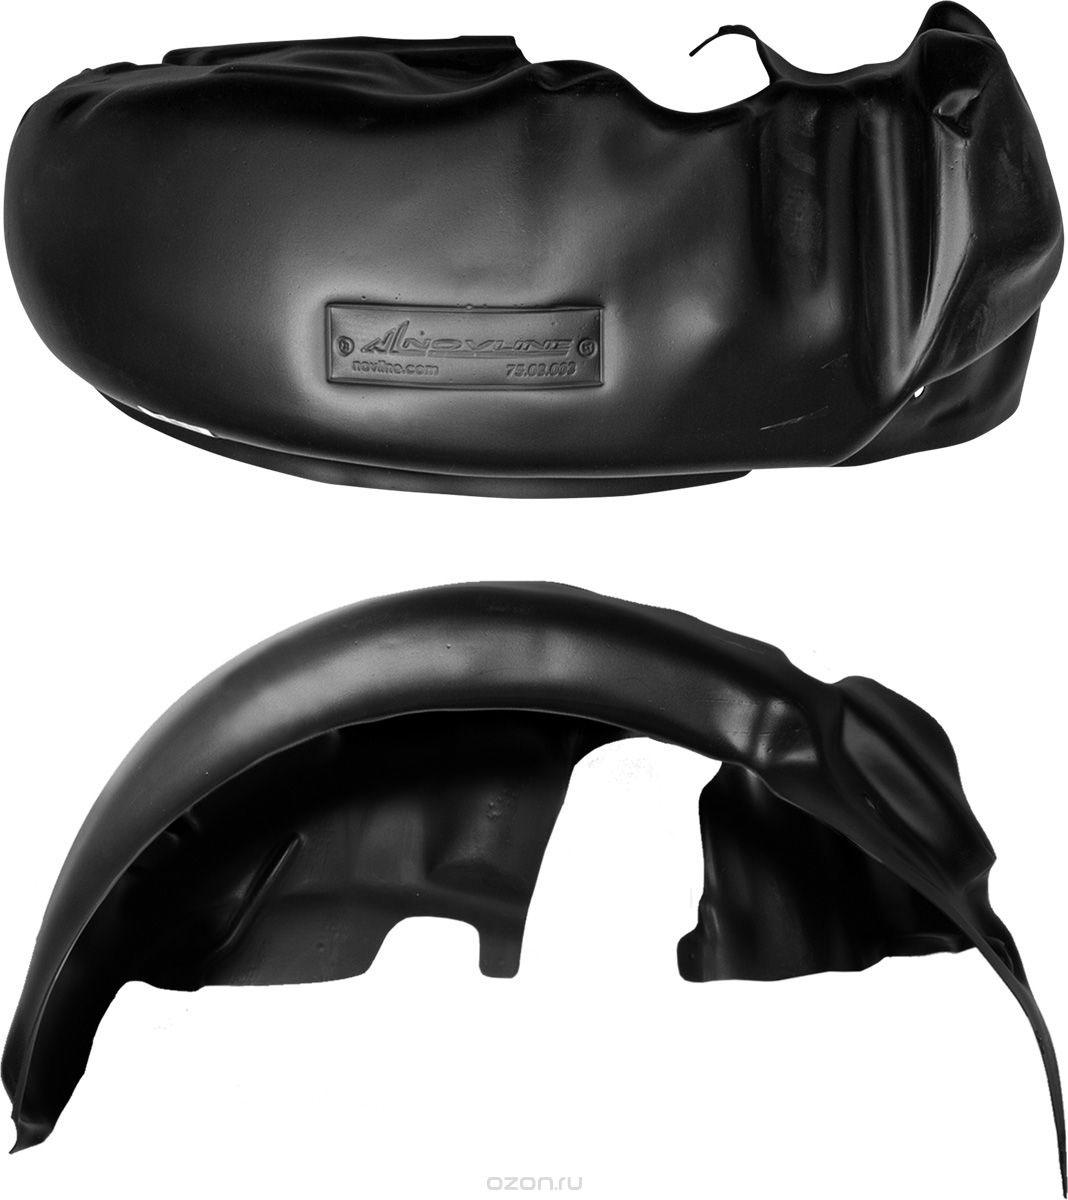 Подкрылок Novline-Autofamily, для TOYOTA Yaris 01/2006-2013, задний правый42803004Идеальная защита колесной ниши. Локеры разработаны с применением цифровых технологий, гарантируют максимальную повторяемость поверхности арки. Изделия устанавливаются без нарушения лакокрасочного покрытия автомобиля, каждый подкрылок комплектуется крепежом. Уважаемые клиенты, обращаем ваше внимание, что фотографии на подкрылки универсальные и не отражают реальную форму изделия. При этом само изделие идет точно под размер указанного автомобиля.